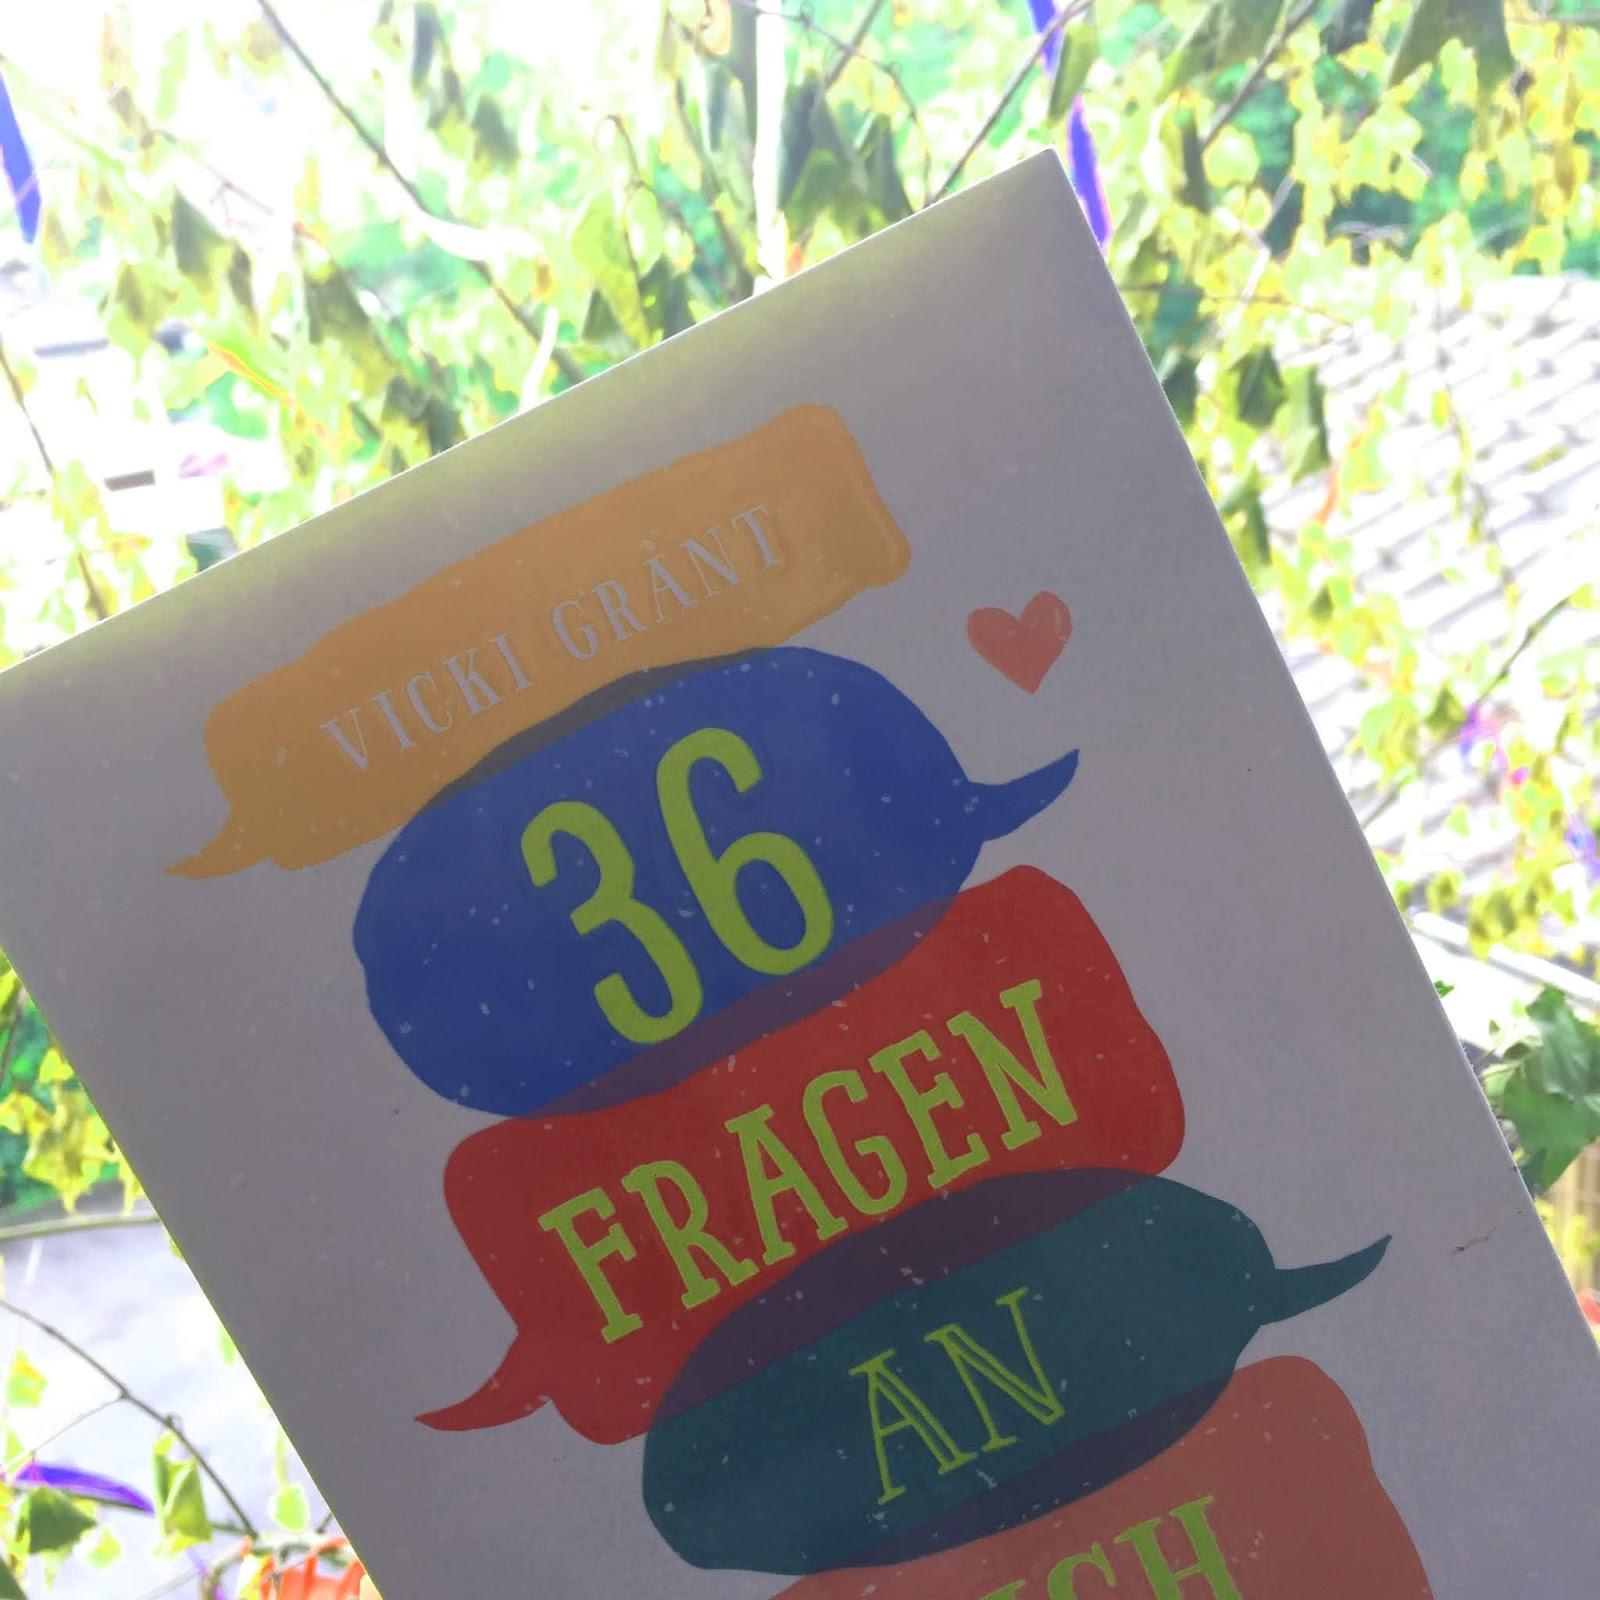 36 fragen an dich